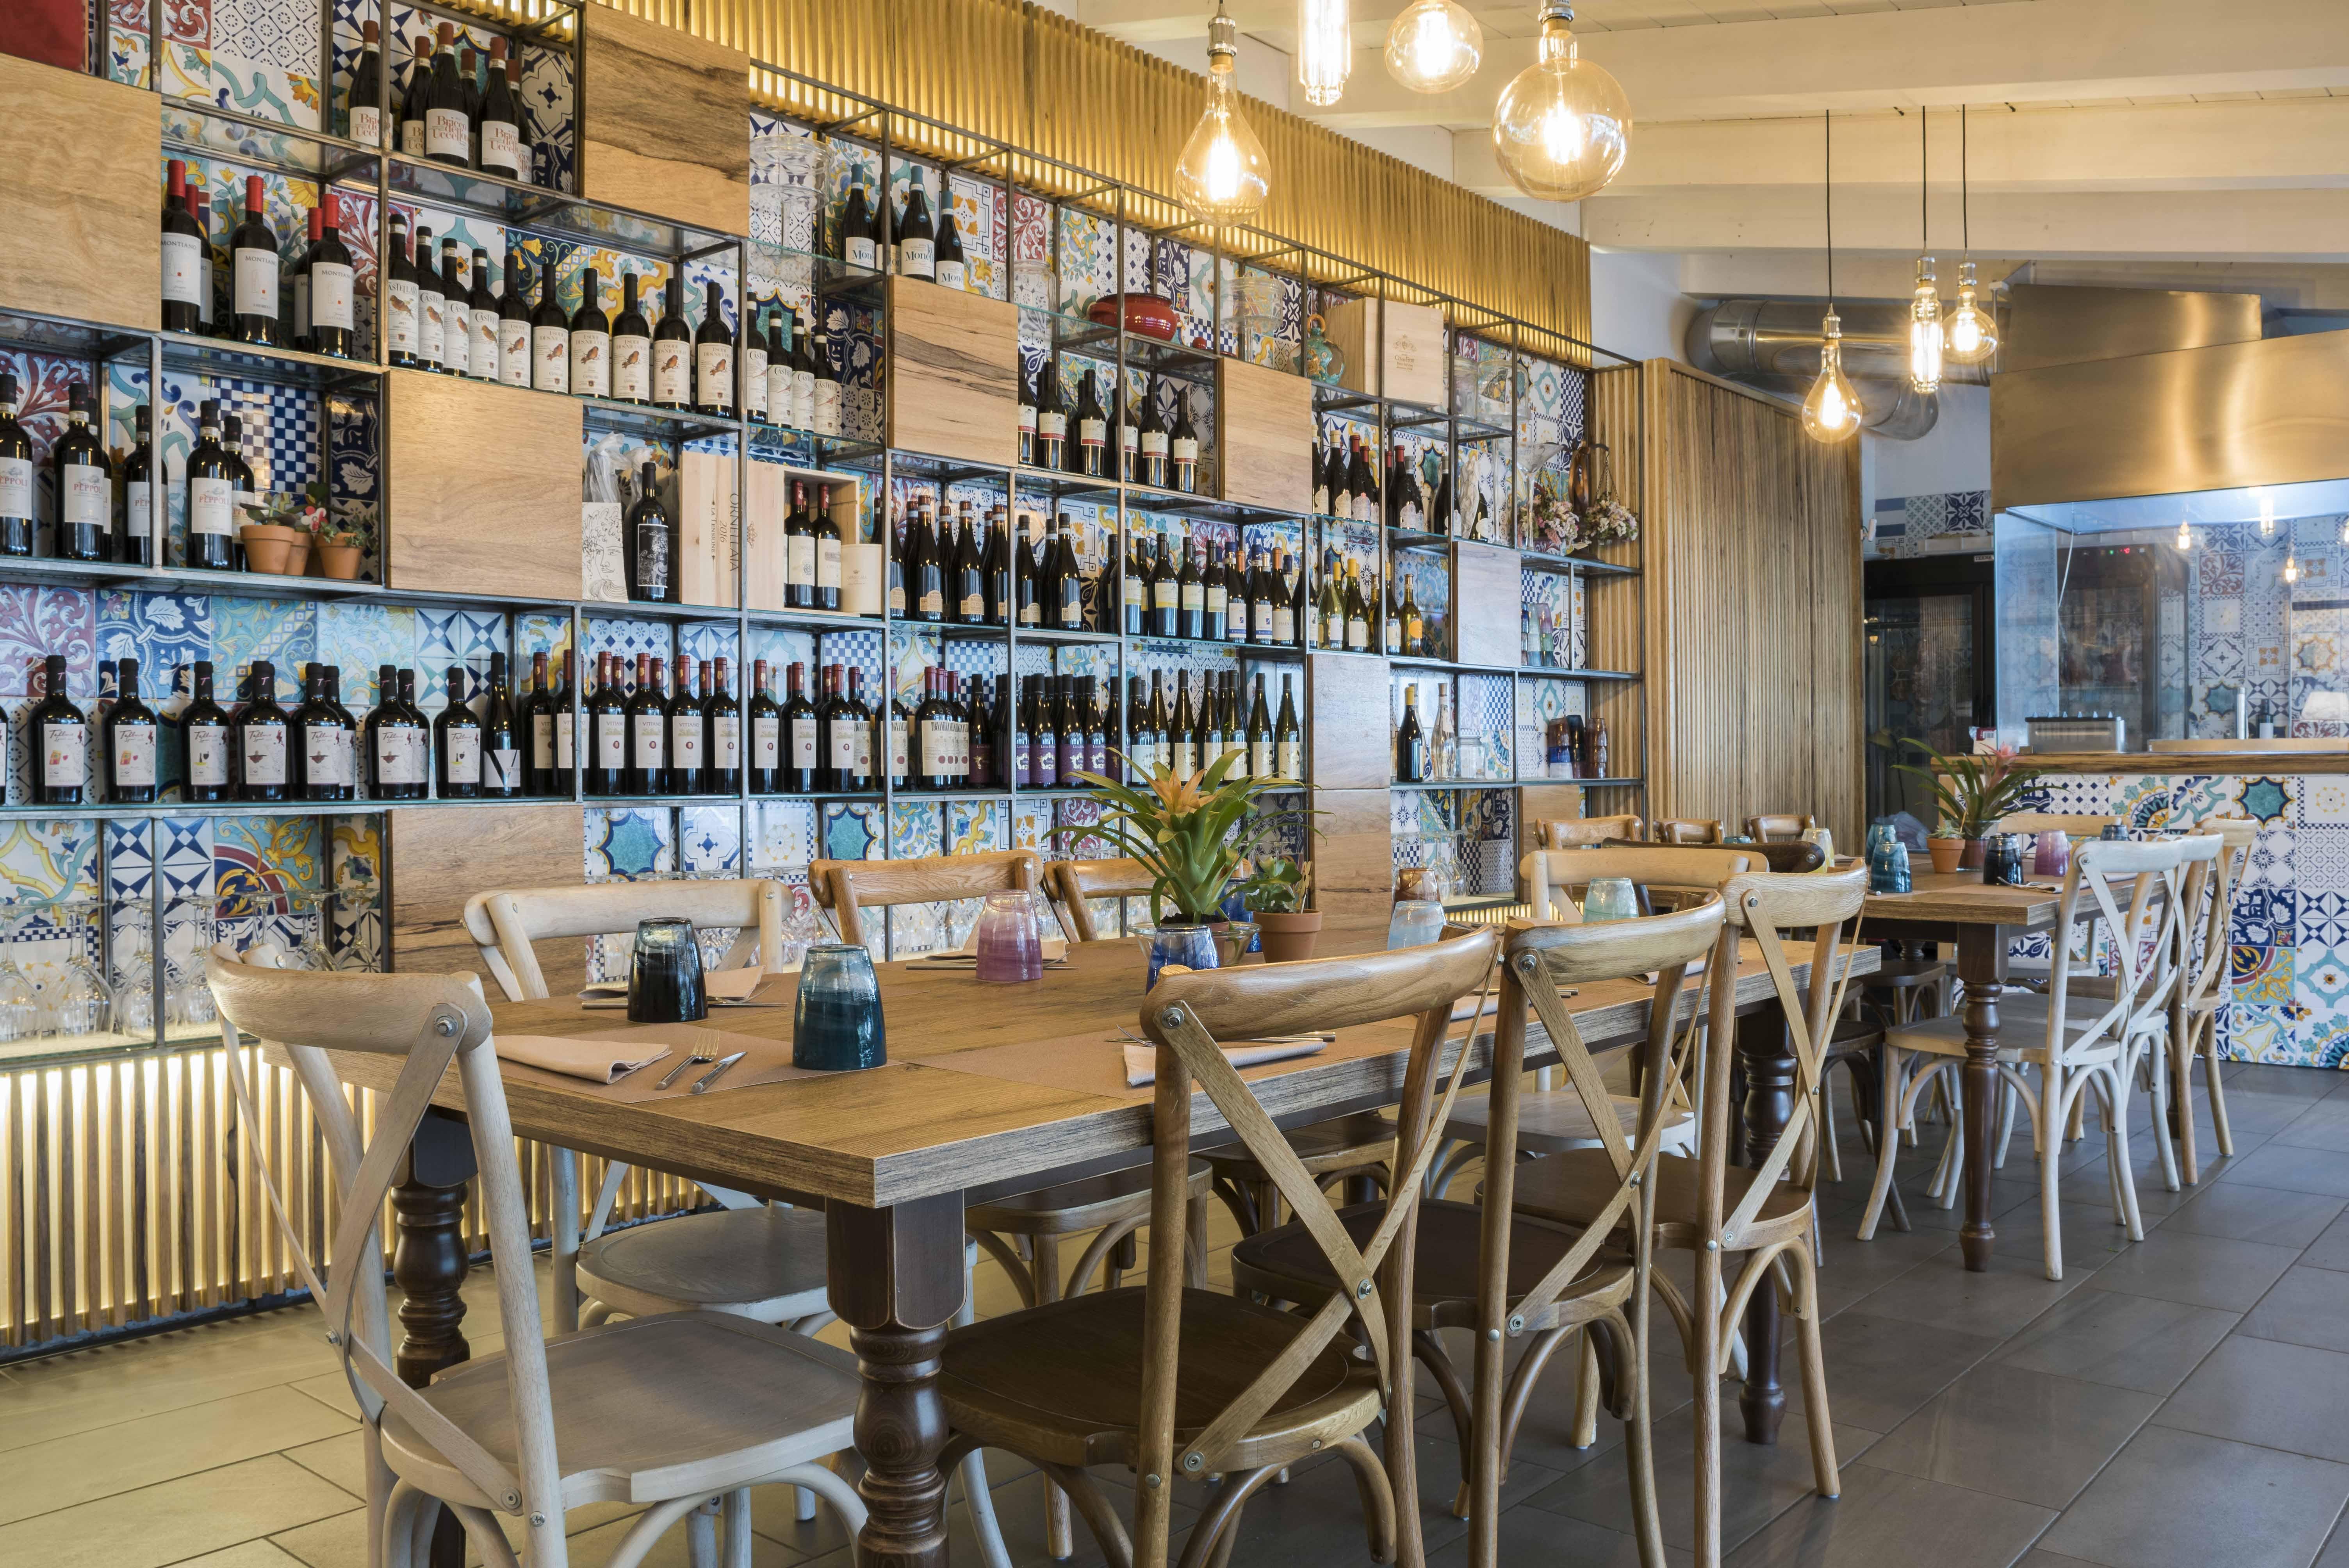 Fotografo Cava Dei Tirreni o' ciardino - ristorante e braceria a cava de' tirreni